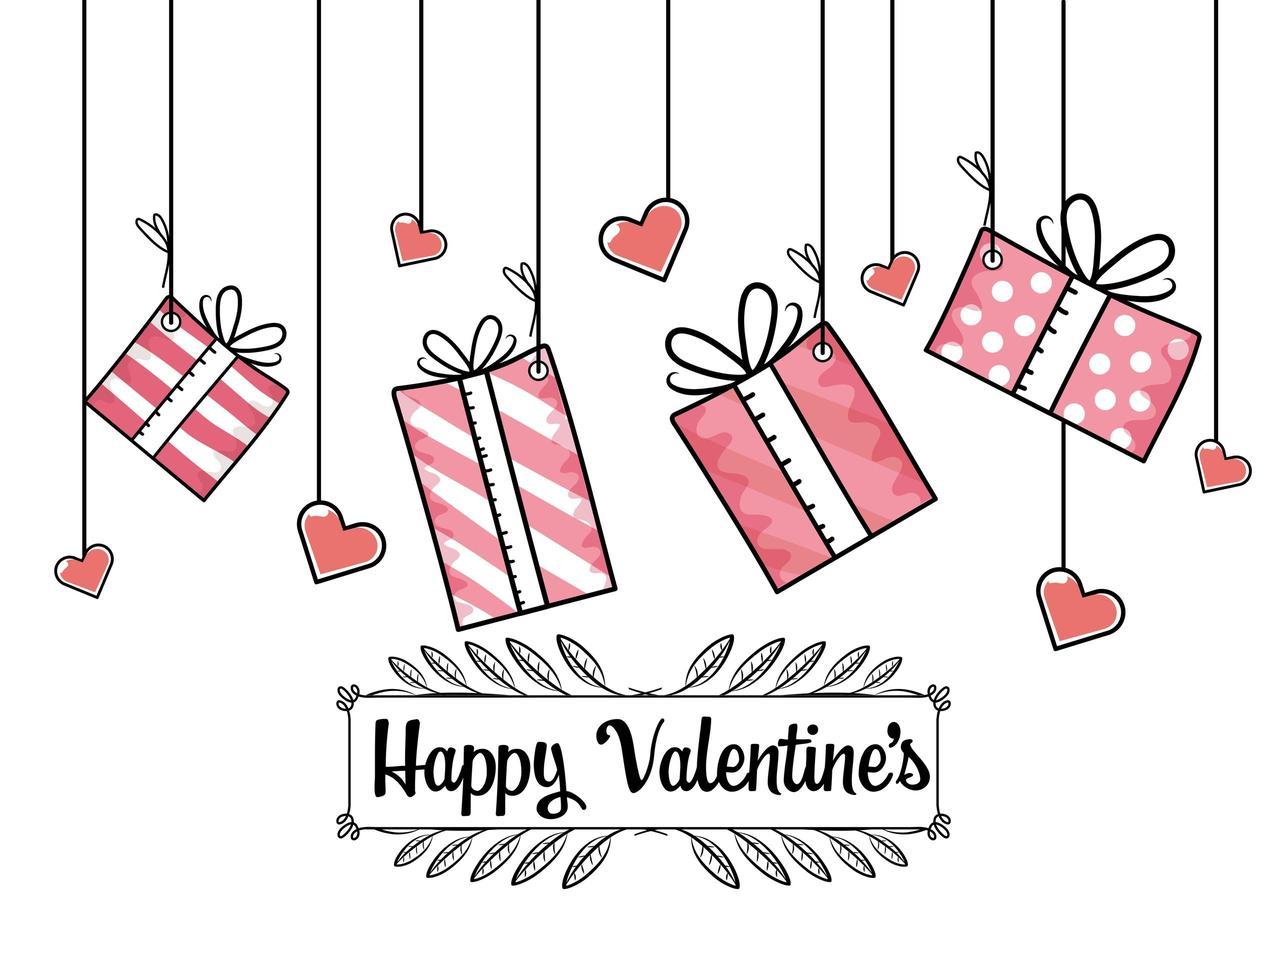 Valentinstag Geschenke mit Herzen Design vektor